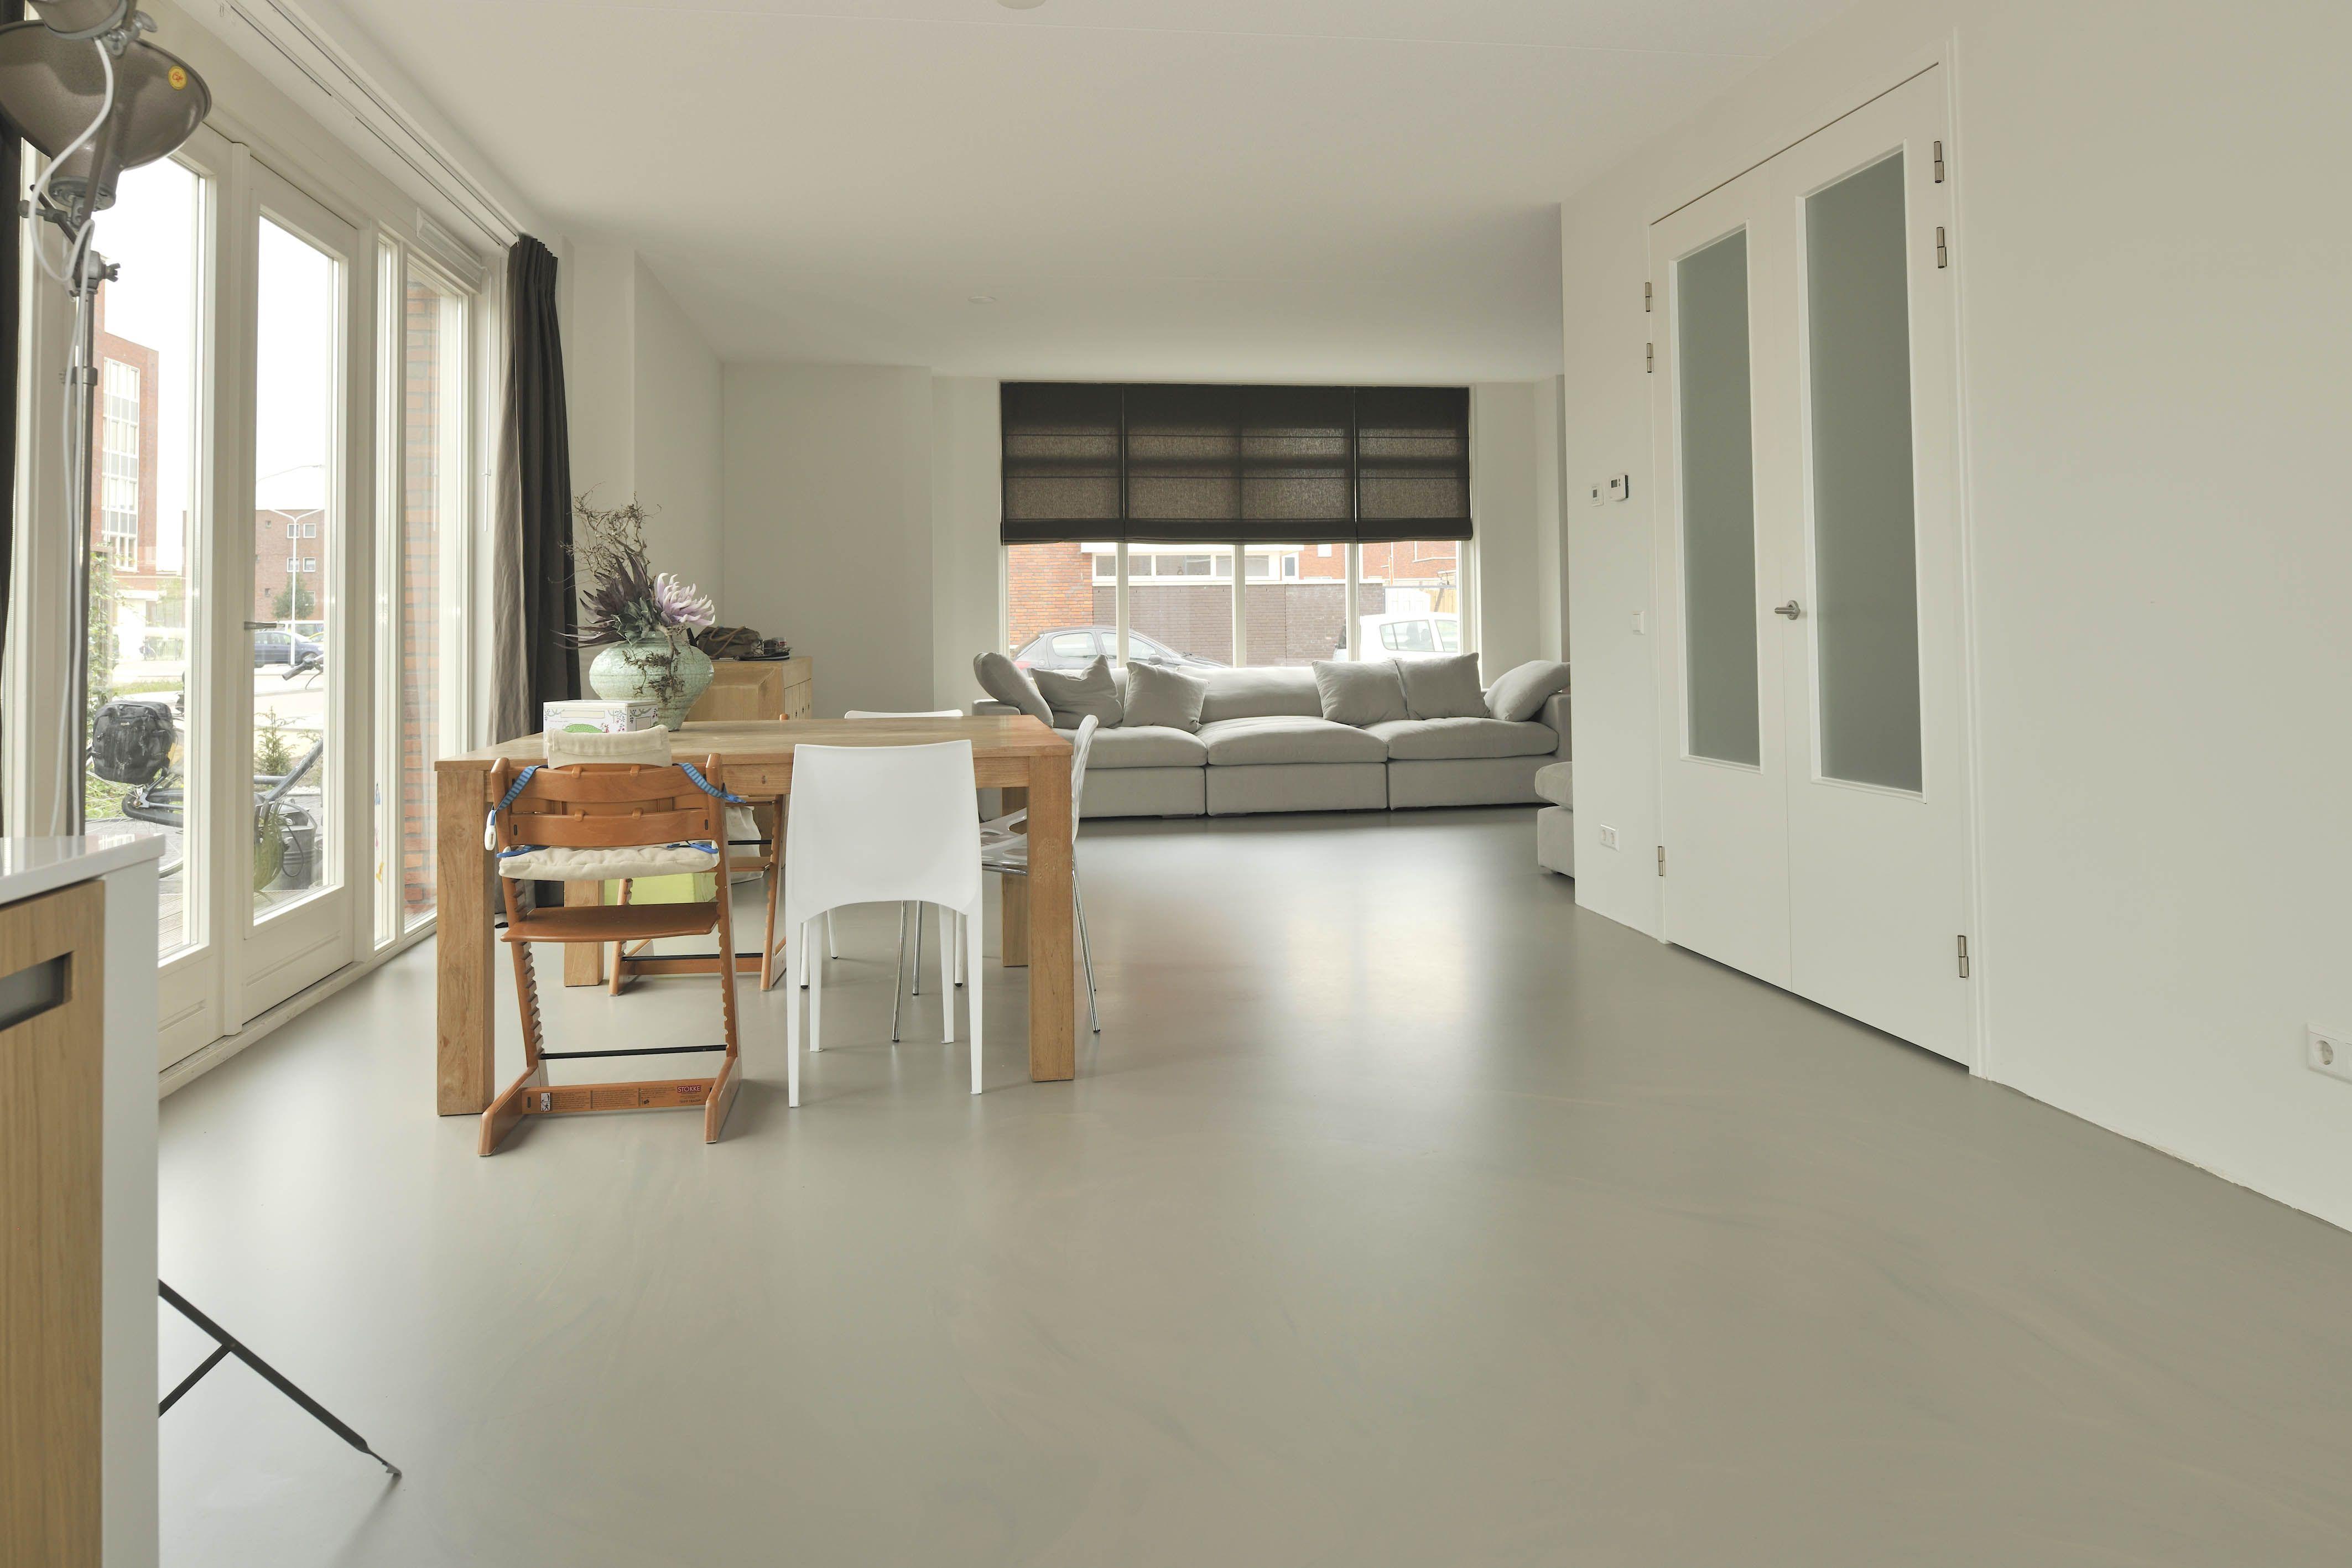 Woonkamer Lichte Kleuren : Een woonkamer vol met lichte kleuren zorgt voor een open en